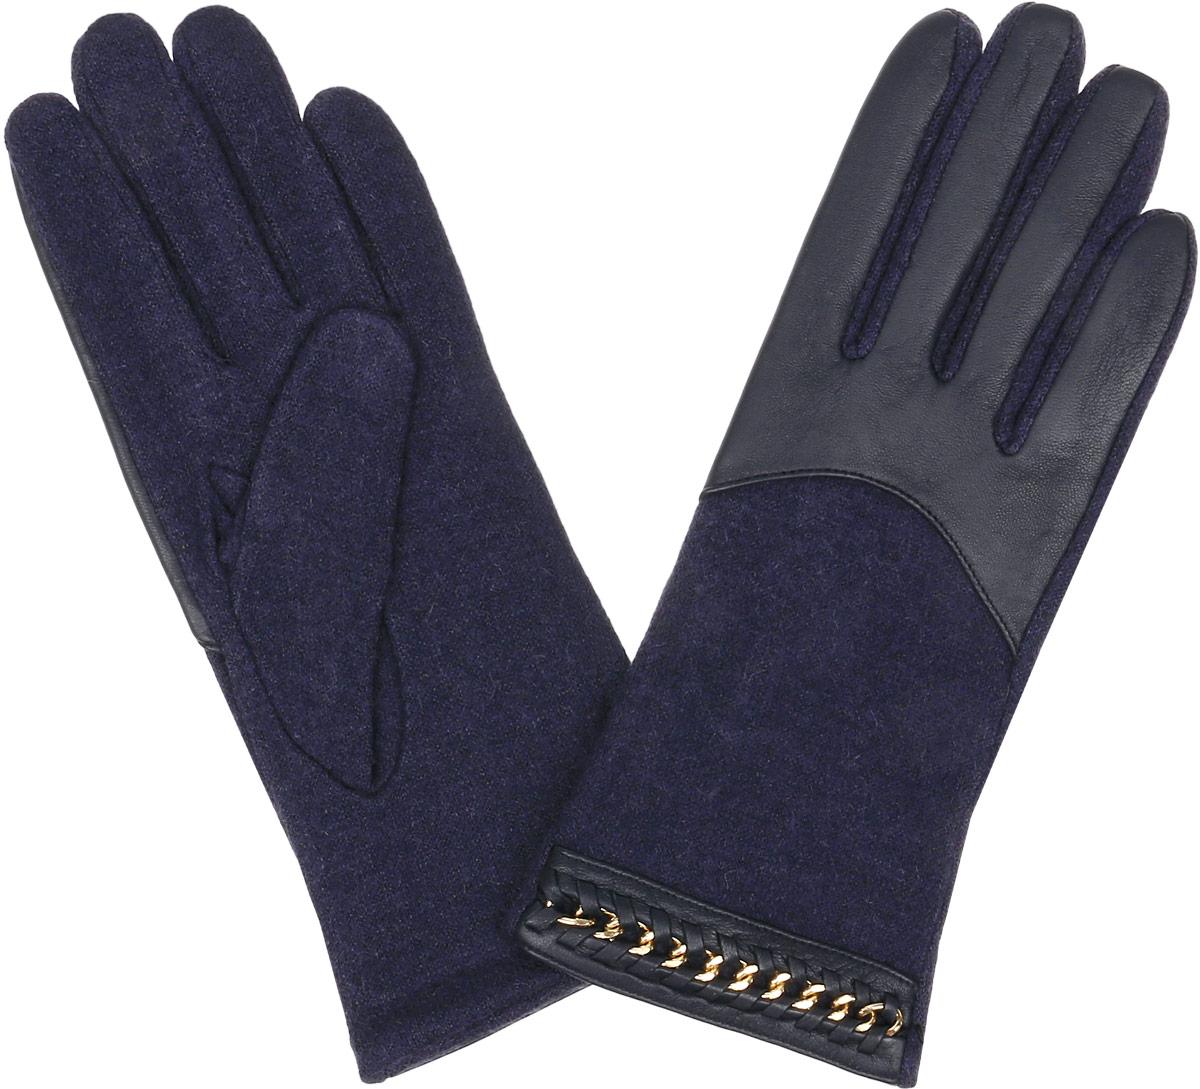 Перчатки3.7-12 navyЖенские перчатки Fabretti Touch Screen не только защитят ваши руки от холода, но и станут незаменимым аксессуаром. Модель изготовлена из натуральной кожи и высококачественной шерсти. Современные технологии обработки кожи позволяют работать с любыми сенсорными дисплеями, не снимая перчатки. Модель оформлена оригинальным дизайном. Перчатки Fabretti станут завершающим и подчеркивающим элементом вашего стиля.